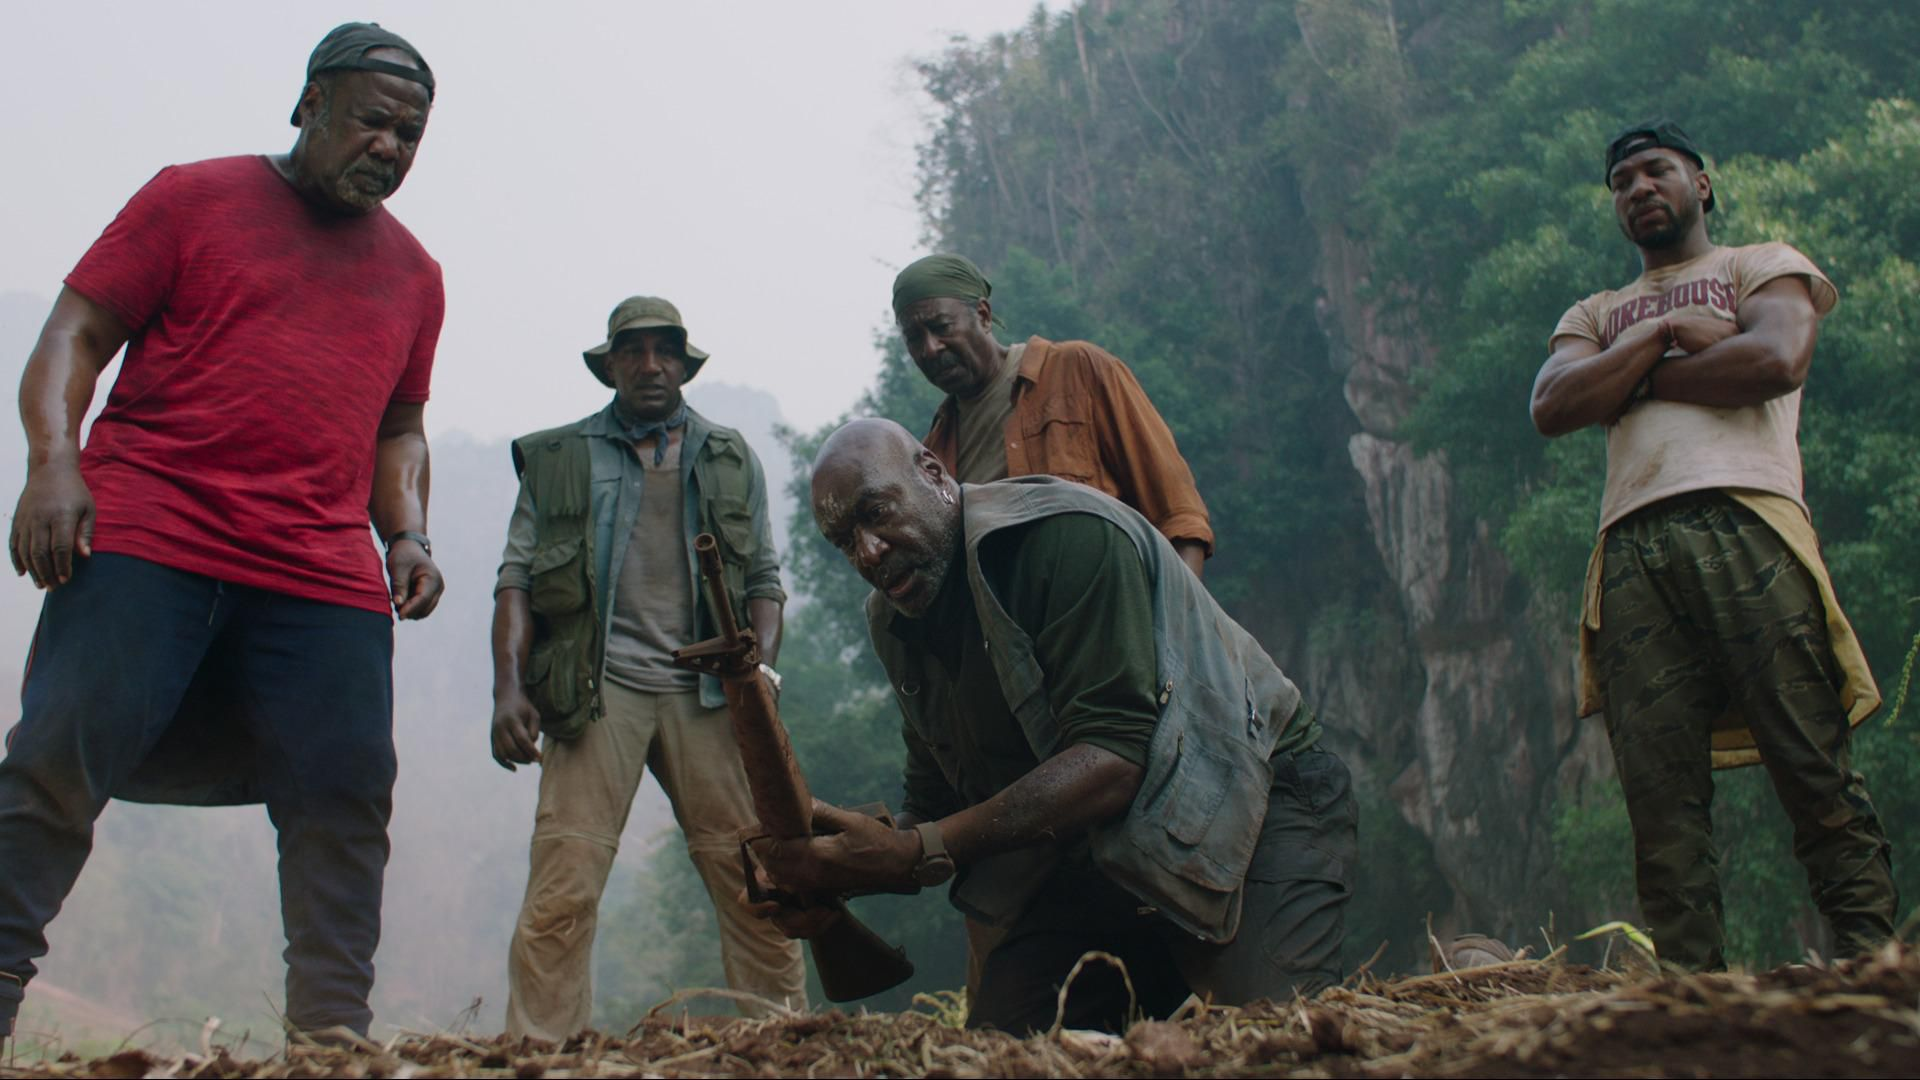 A imagem retangular é uma cena de Destacamento Blood. Da esquerda para direita vemos 5 homens. O primeiro é Isaiah Whitlock Jr, um homem negro de 66 anos. Ele está de pé e minimamente inclinado, enquanto usa um boné preto para trás, um relógio preto, uma camiseta limpa da cor vermelha e uma calça preta. À sua direita e um pouco mais atrás vemos Norm Lewis, um homem negro de 57 anos. Ele está de pé e usa um chapéu de caça verde, um relógio prateado, um colete verde por cima de uma jaqueta azul, que está por cima de uma camiseta cinza e uma calça bege. À sua direita e à frente, centralizado na imagem, vemos Delroy Lindo, um homem negro de 68 anos. Ele está agachado e segura um fuzil enferrujado nas mãos. Ele usa um colete azul sujo, por baixo uma camiseta de manga longa verde, um relógio bege e calças pretas. Atrás vemos Clarke Peters pela metade, um homem negro de 69 anos. Ele usa uma bandana verde, uma camiseta de manga longa laranja e aberta e por baixo uma camiseta verde. À sua direita vemos Jonathan Majors, um homem negro de 31 anos. Ele está na parte mais à direita da imagem e usa um boné preto para trás, uma camiseta bege com um bordão escrito em vermelho e calças verdes de exército. O plano de fundo é uma densa mata em uma montanha rochosa.